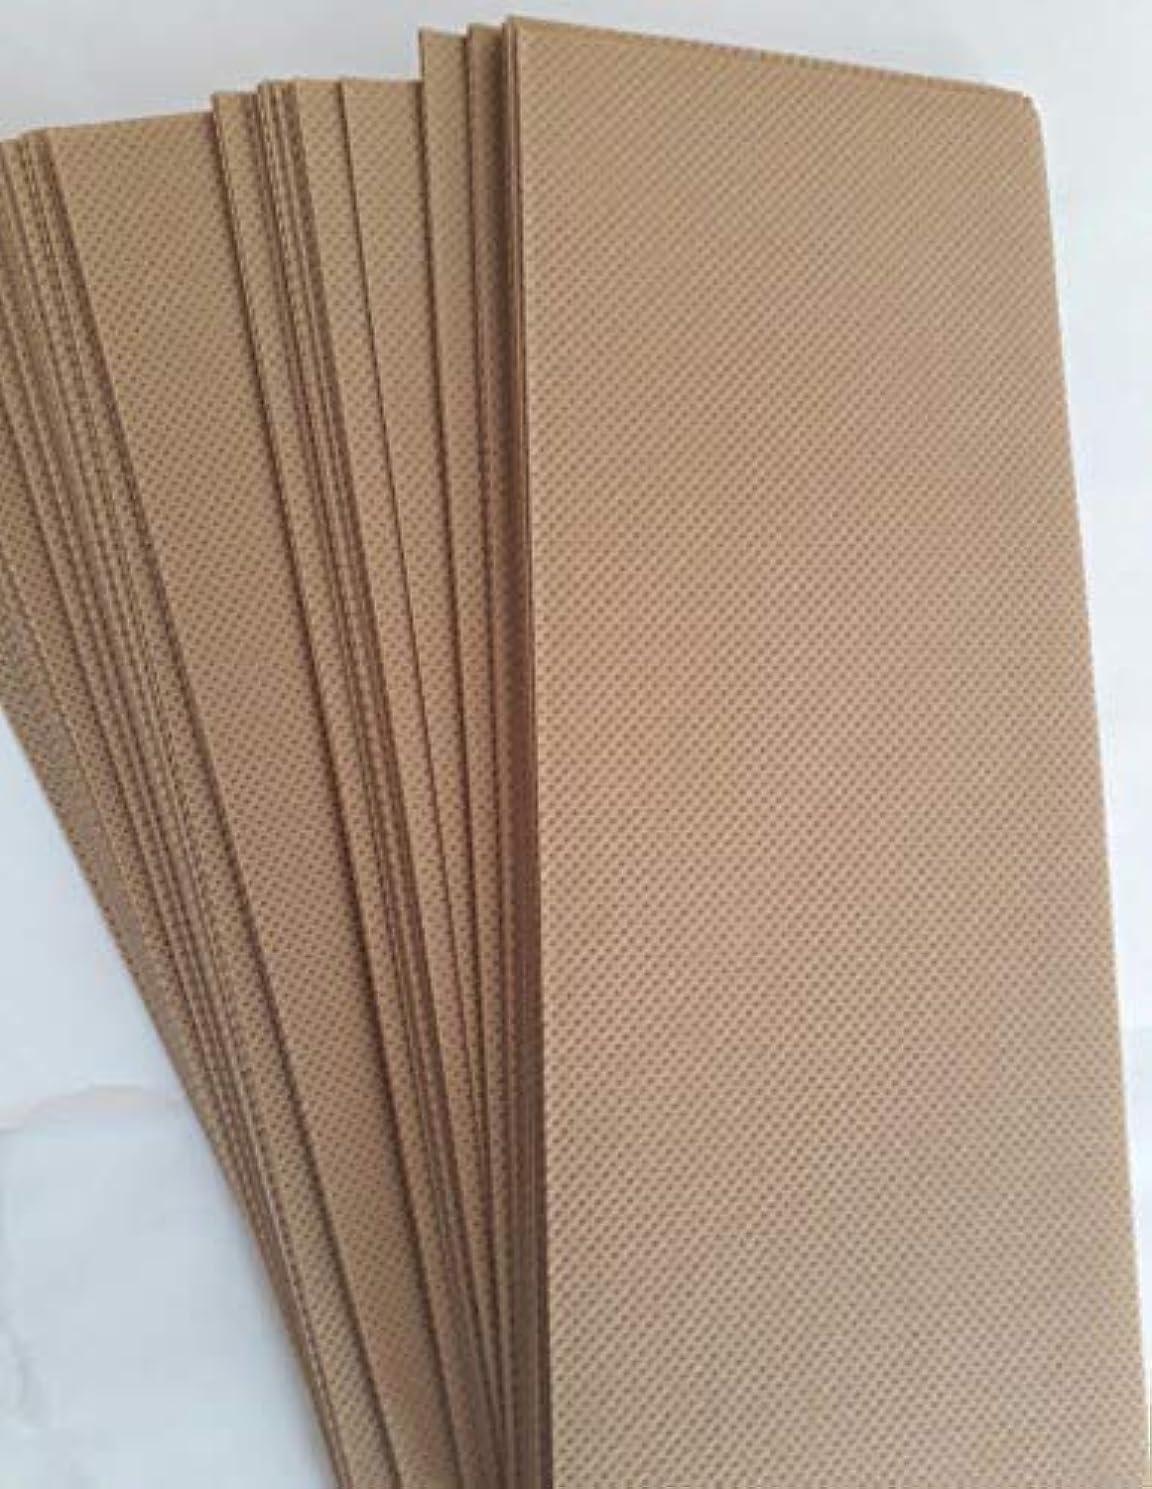 スクラブホイッスル火90 Wax Strips pieces Disposable Hair Removal Professional Wax Strip Epilator Paper Waxing Kits ワックスストリップ作品使い捨て...